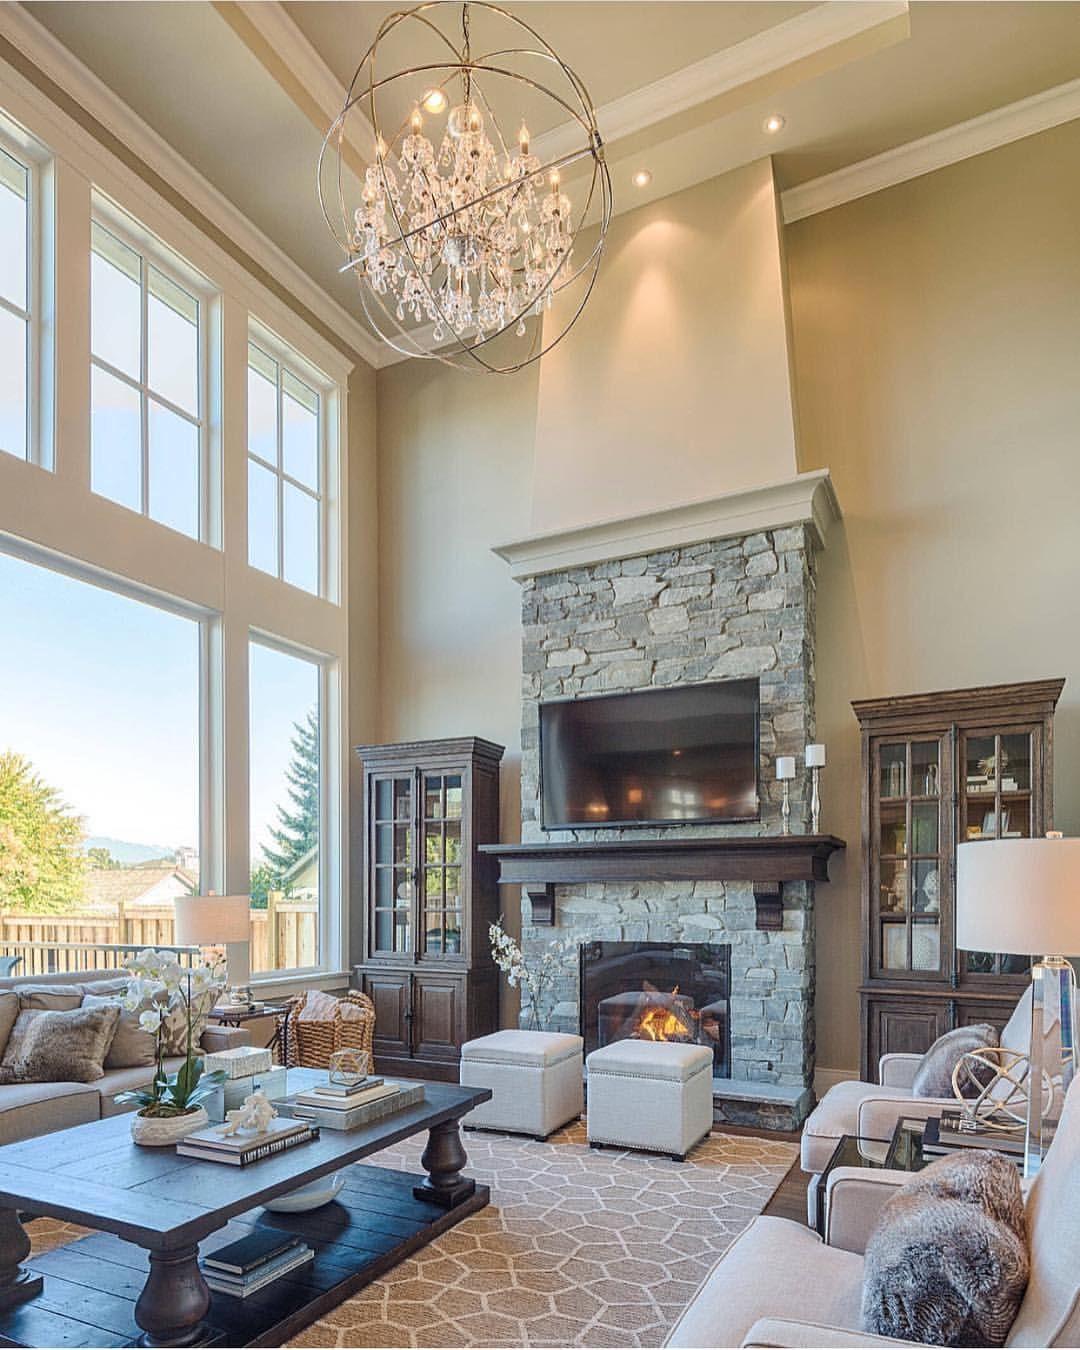 8.8k Likes, 108 Comments - Interior Design  Home Decor